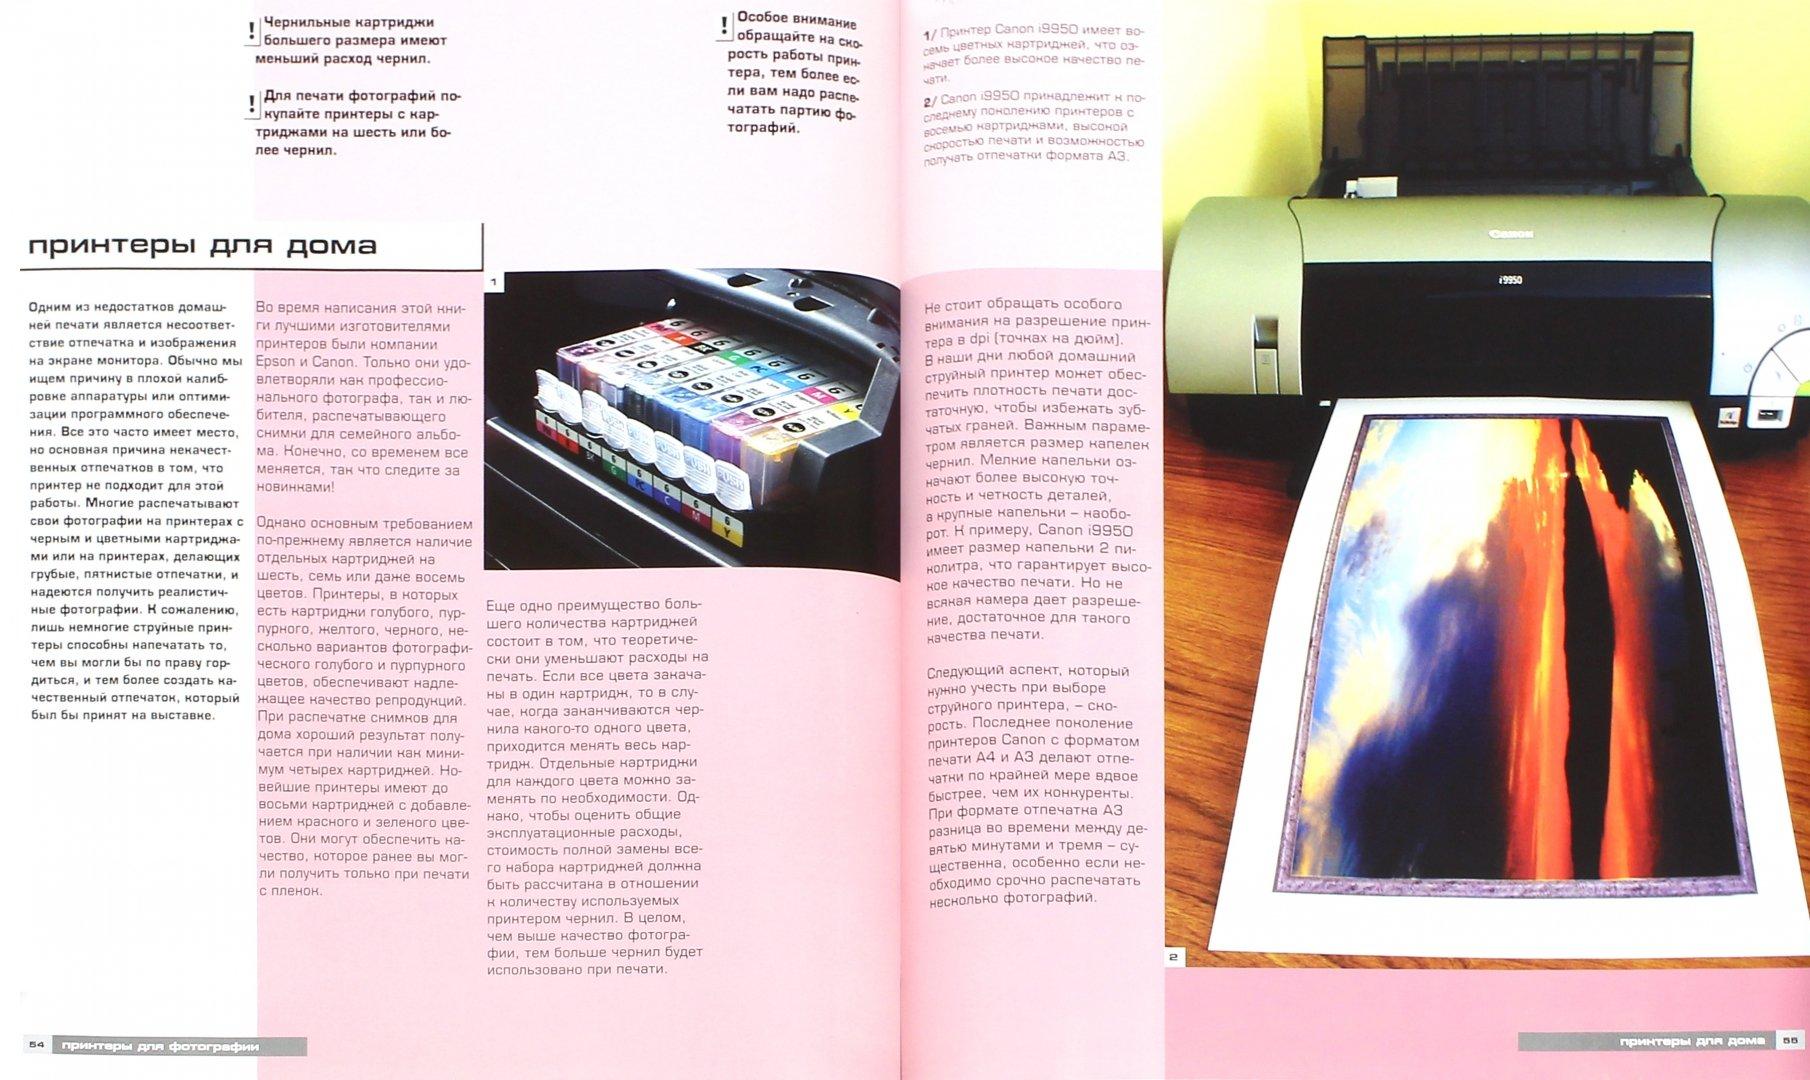 Иллюстрация 1 из 5 для Цифровая фотография: Способы печати - Дункан Эванс | Лабиринт - книги. Источник: Лабиринт